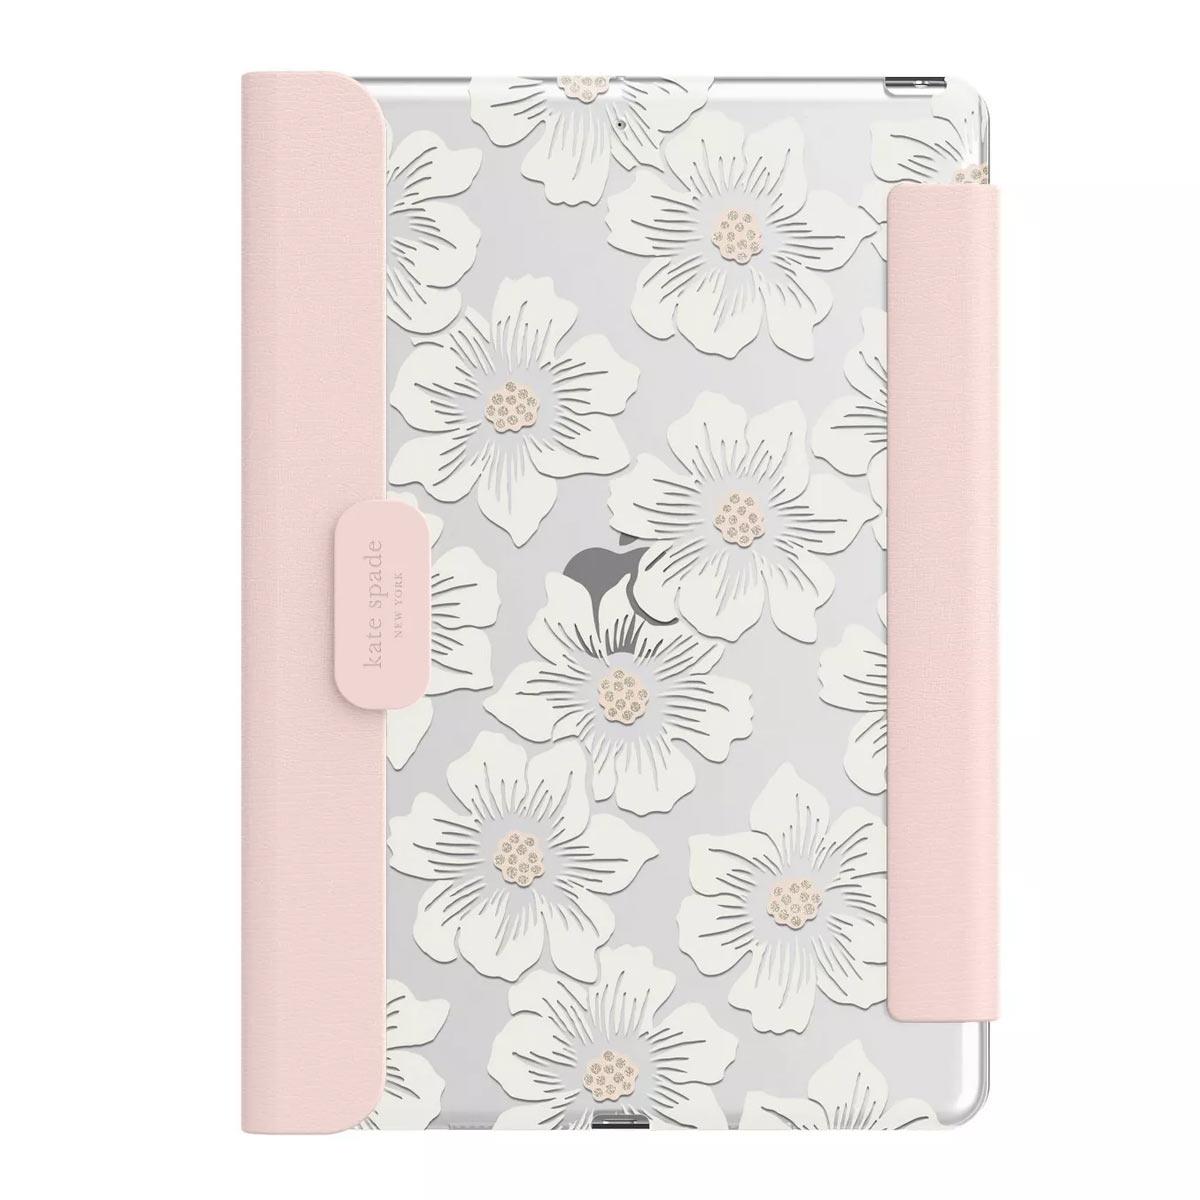 ケイトスペード iPad ケース 10.2インチ カバー 永遠の定番 価格交渉OK送料無料 ペン収納 可愛い おしゃれ Kate スタンド Spade